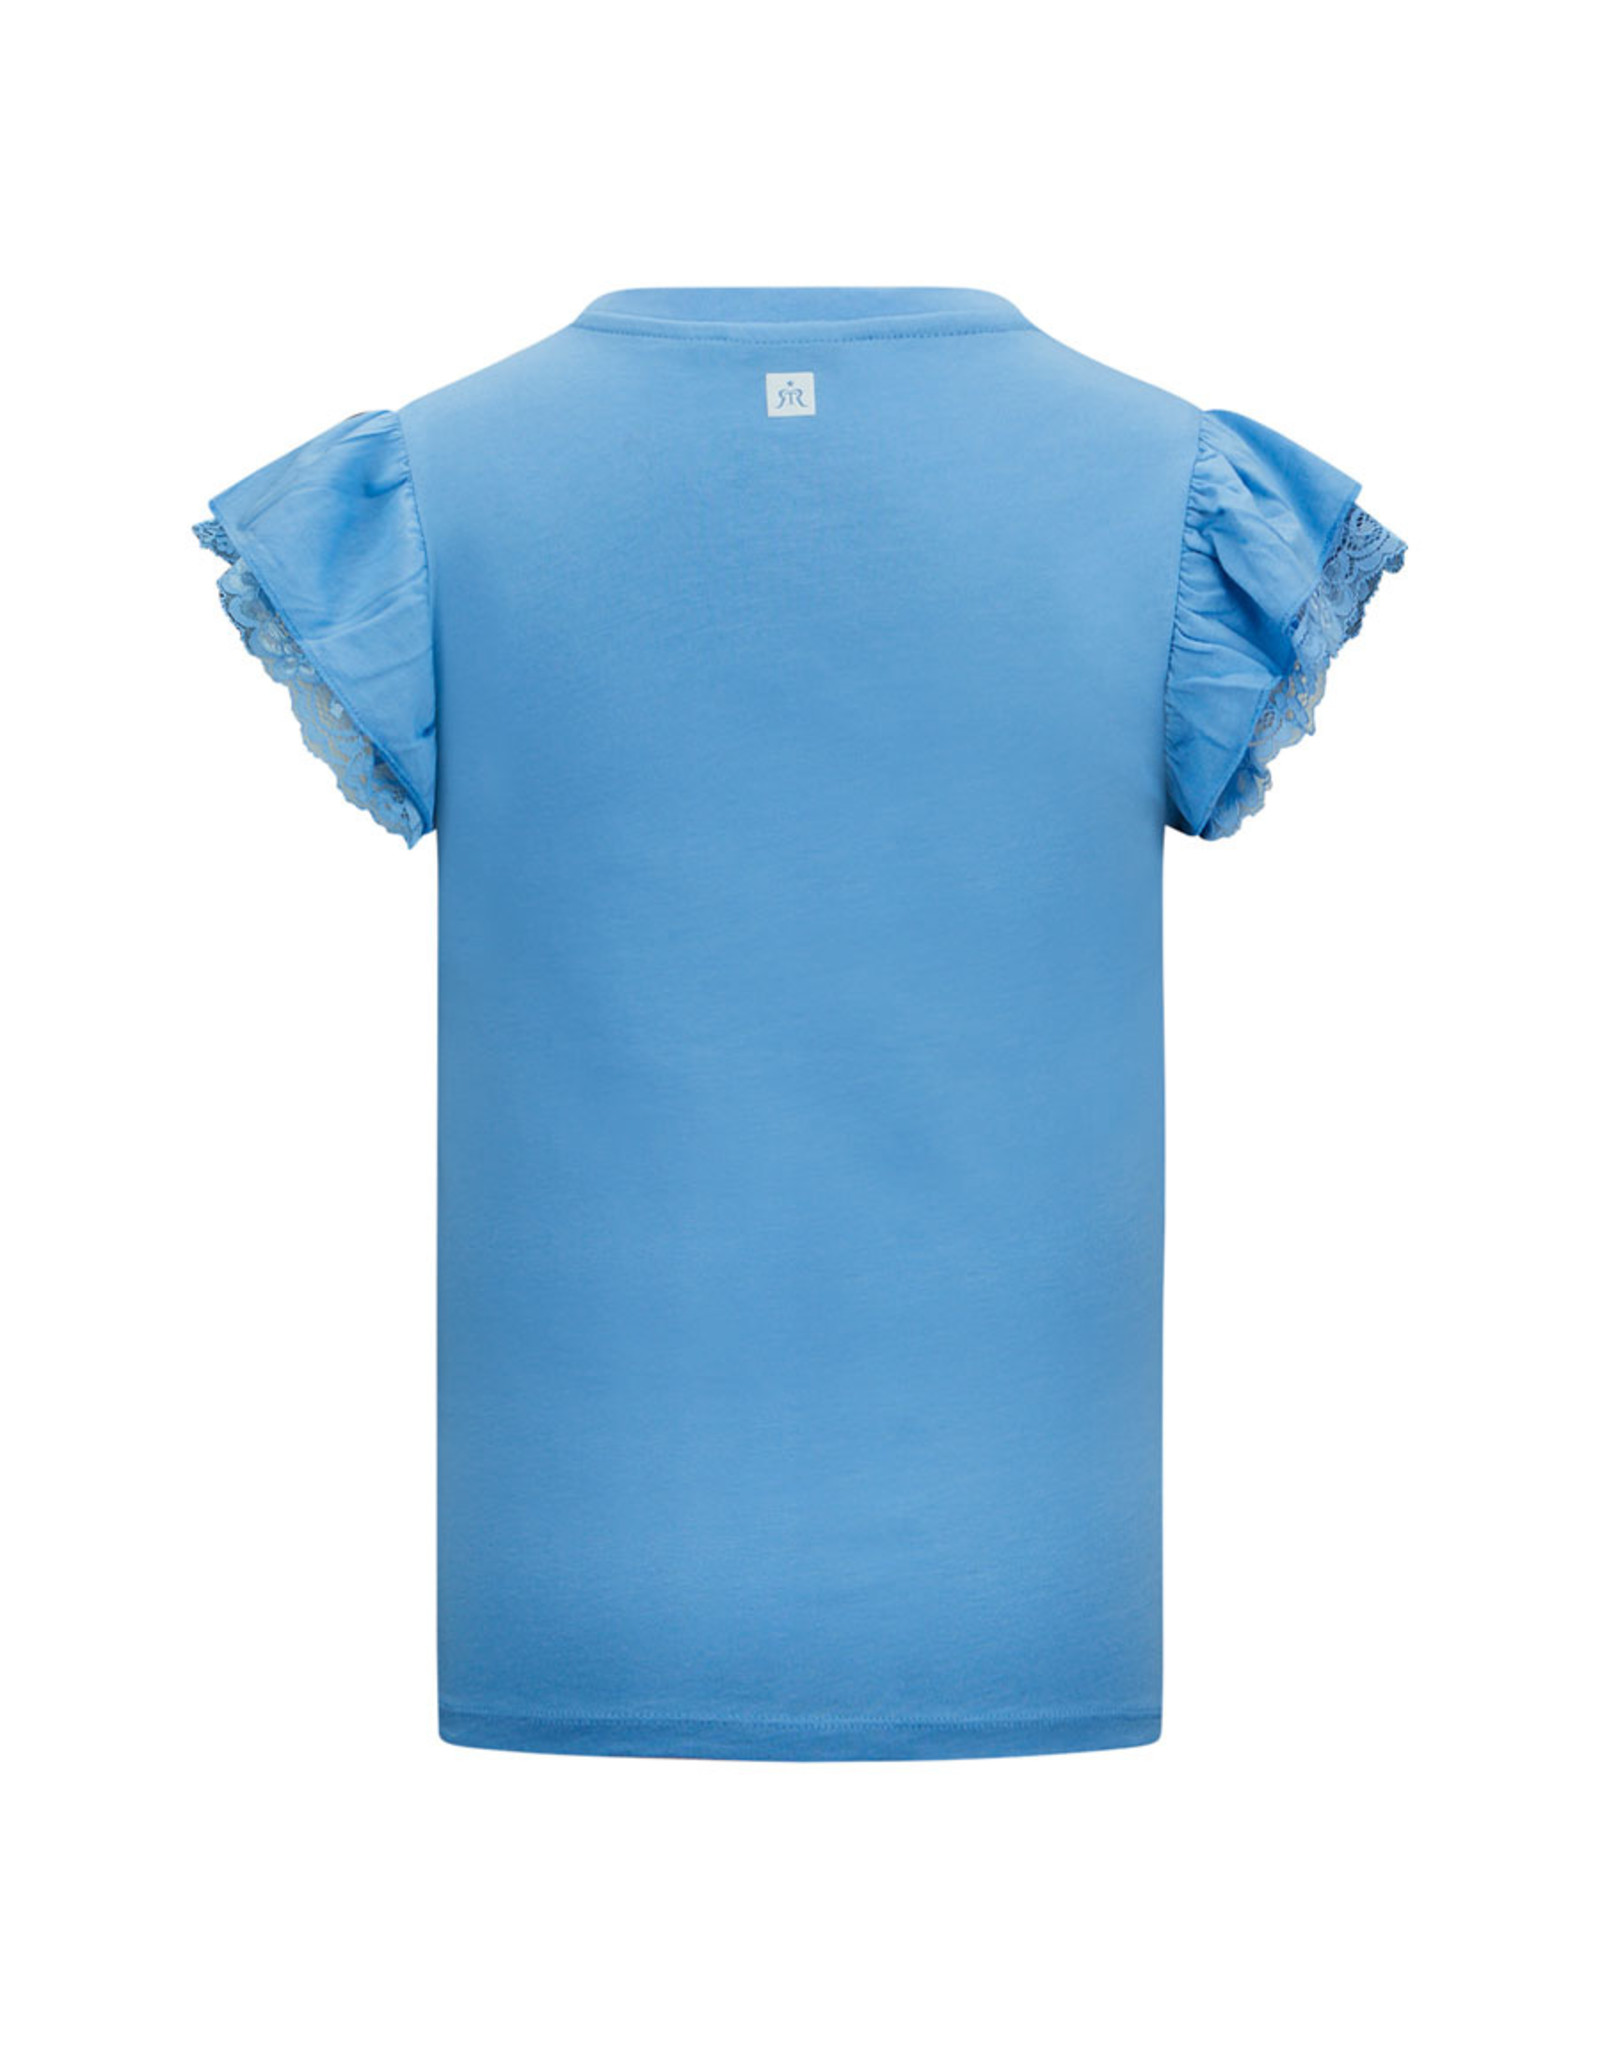 Retour Jeans Top Hanna Light Blue